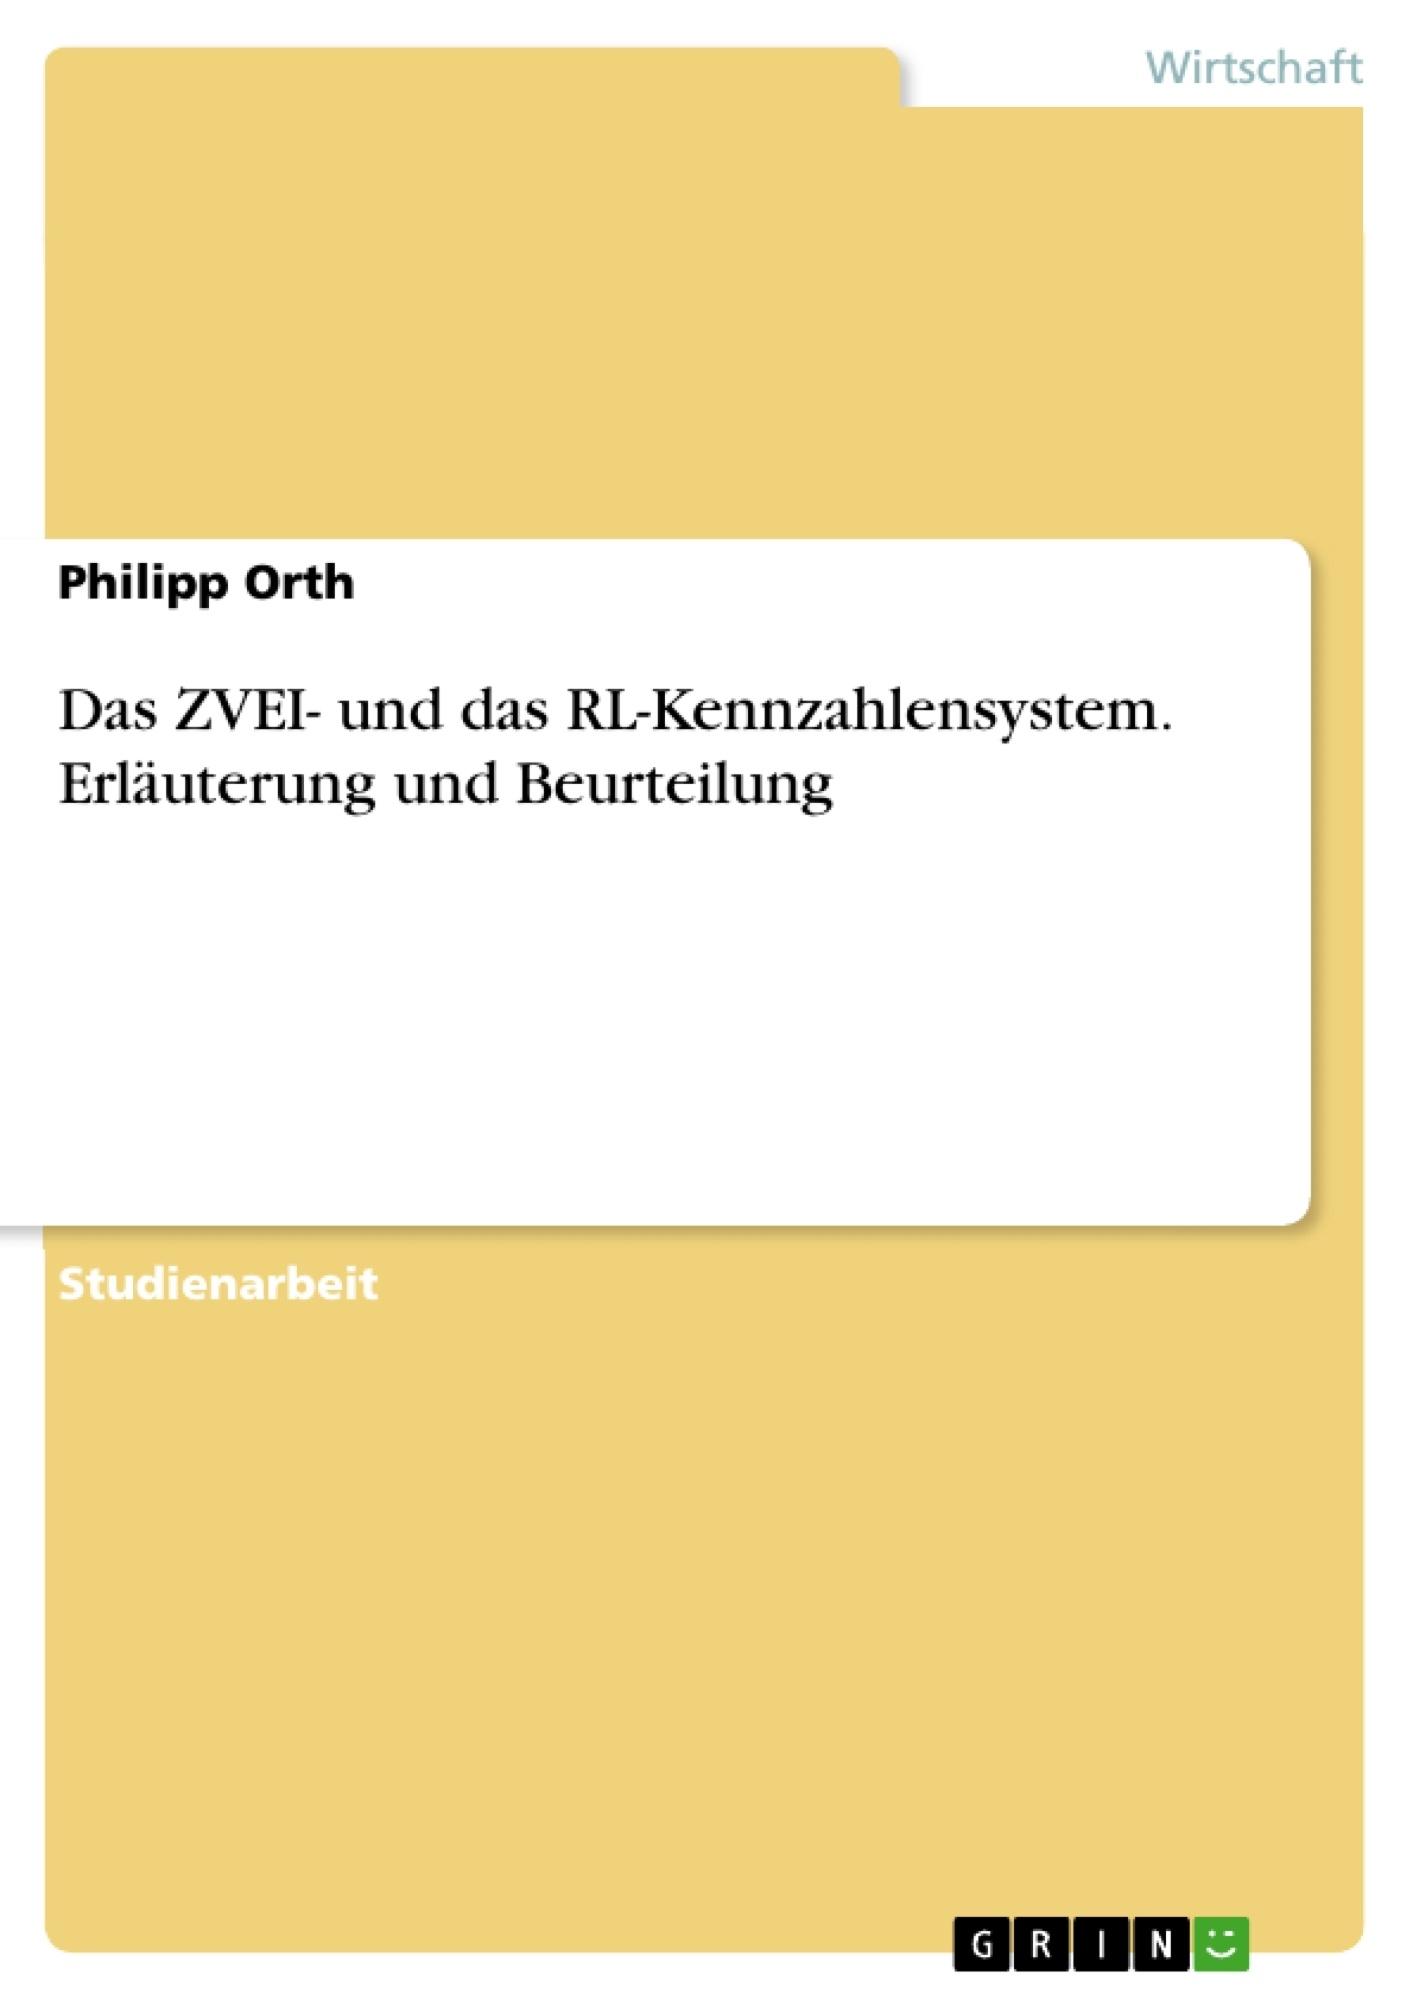 Titel: Das ZVEI- und das RL-Kennzahlensystem. Erläuterung und Beurteilung